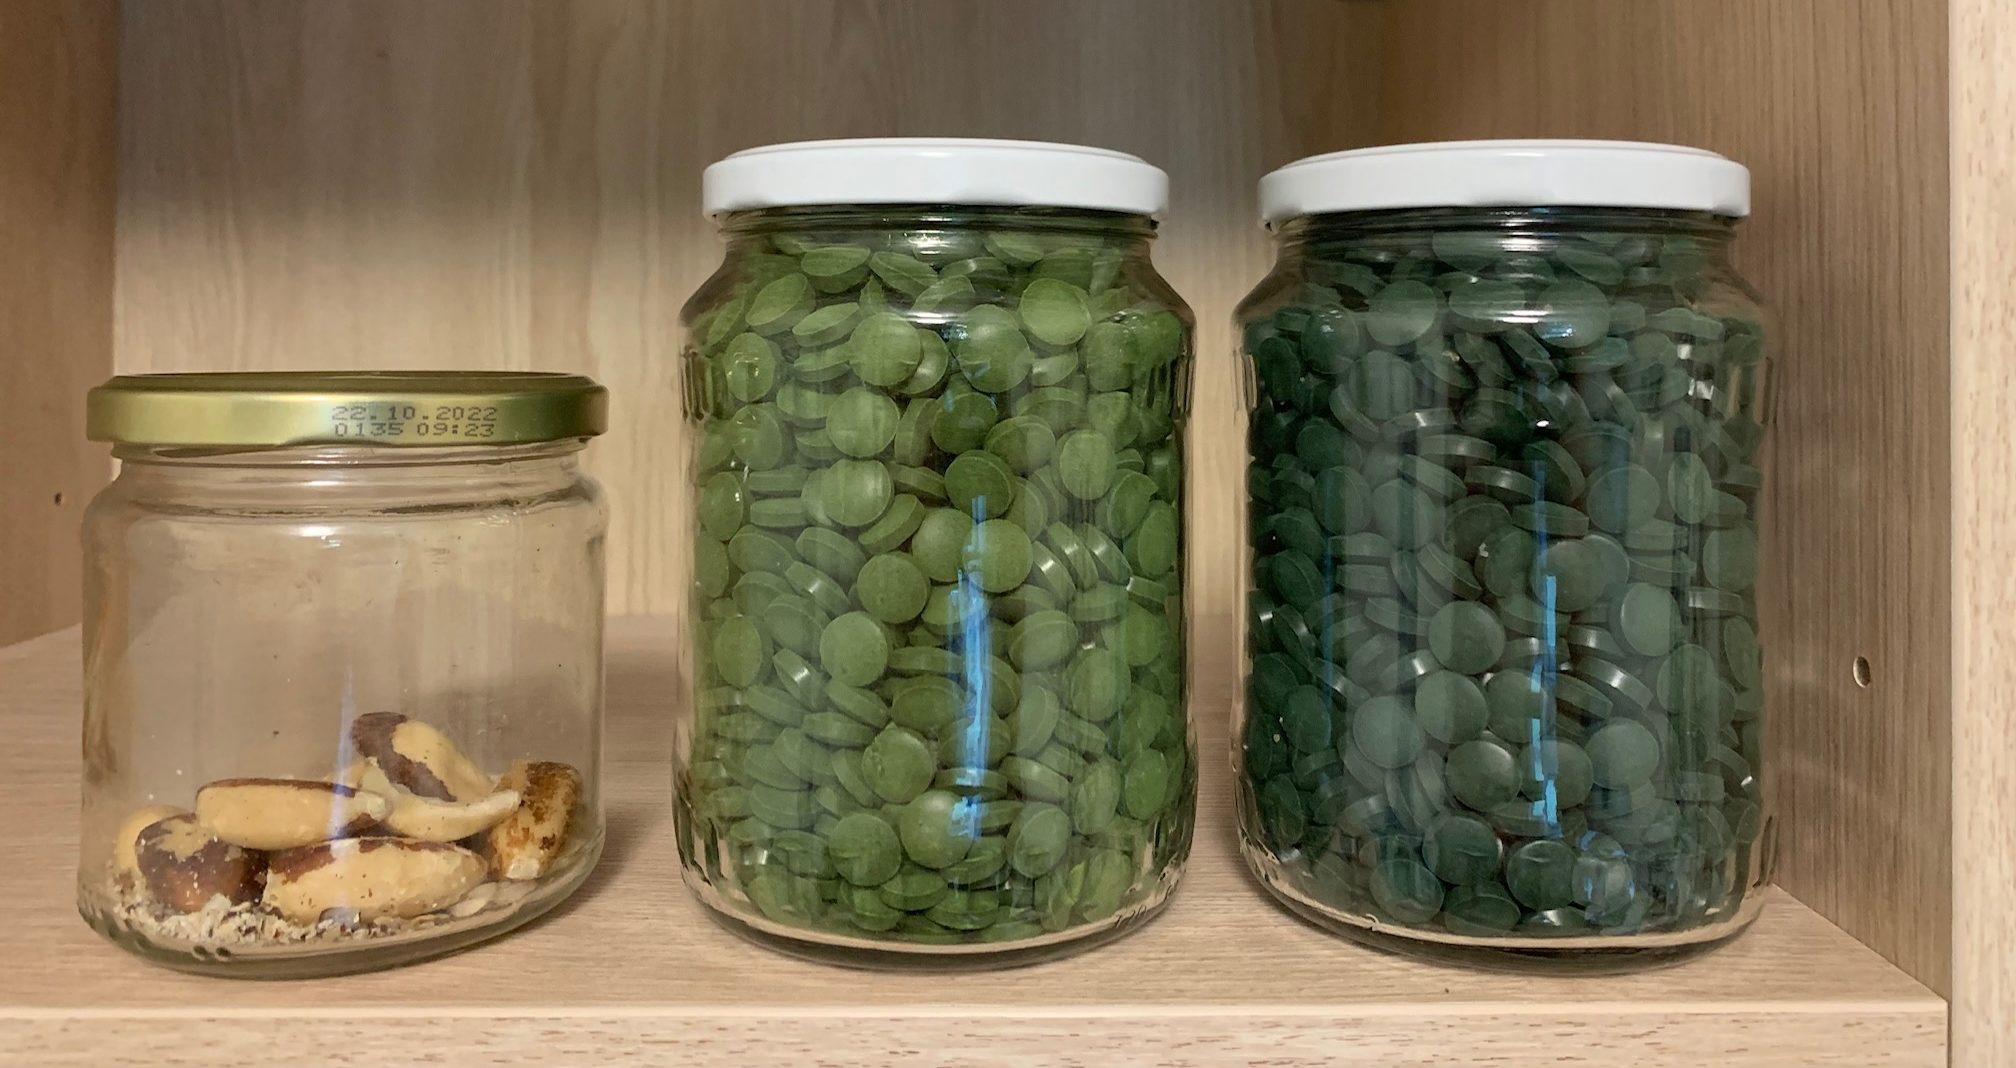 Spirulina - rechtes Glas - ist dunkler als Chlorella - mittleres Glas